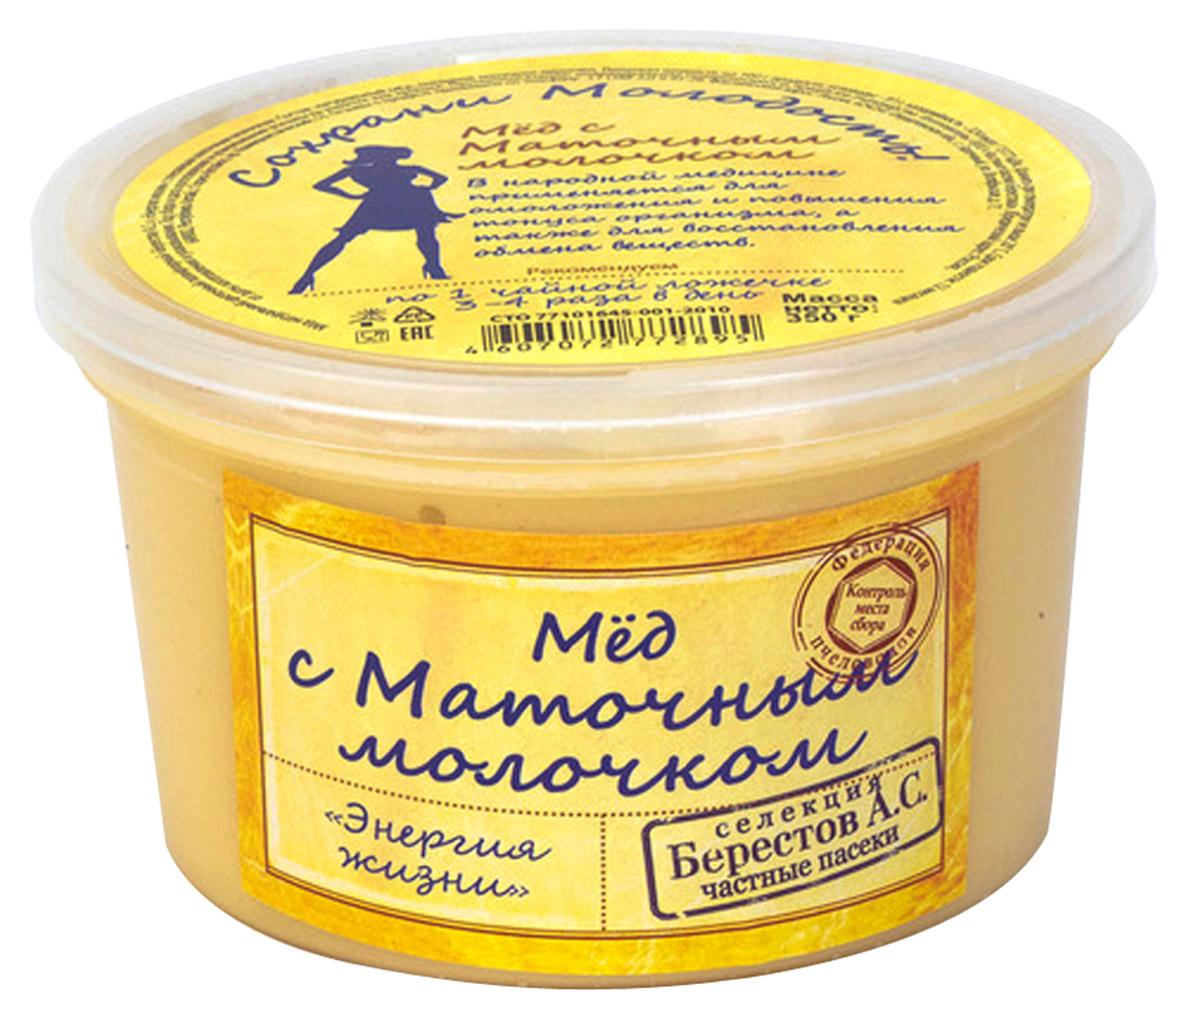 Берестов Мед с маточным молочком, 350 го0000003547Маточное молочко - редкий и дорогой продукт, очень питательный и со сложным полезным для человека химическим составом. Смешанное с мёдом, оно превращается в настоящий источник здоровья.Нежнейший сливочный вкус, и ванильный аромат с медовыми нотками, подарят истинное наслаждение. Тающая консистенция, до последней капли, чарует обволакивающим медовым послевкусием с легкой кислинкой.Лечебные свойства:В маточном молочке содержатся белки, схожие по составу с белками сыворотки крови; углеводы, витамины, свободные жирные кислоты, минеральные соли, микроэлементы, жизненно необходимые витамины A, D, B1, B2, B3, B6, B12, B15, H, E, PP и янтарную кислоту. Маточное молочко обладает бактериостатическим и бактерицидным свойствами, вызывает бодрость, повышает жизненный тонус, нормализует обменные процессы, улучшает зрение, память и омолаживает организм в целом.Сезонная коллекция меда Берестов. Мед контролируемого места происхождения. В состав линейки включается расширенный ассортимент, в том числе редких сортов. Коллекция Мед с частных пасек получила свое распространение на сезонных фестивалях и ярмарках.В коллекции представлена широкая гамма медов с частных пасек Алтайского края, Башкортостана, Хабаровского края, Краснодарского края, Украины, Киргизии, Средней полосы России. Редкие сорта меда представляются только на фестивалях и ярмарках ввиду того что собираемых пчеловодами объемов недостаточно для продажи их в течение всего года. Упаковка меда ведется холодным методом сохраняющим 100% биологических свойств продукта. Упаковка производится на Берестовской фабрике натуральных продуктов сертифицированной по стандарту менеджмента качества ISO.Целебные сорта мёда. Статья OZON Гид